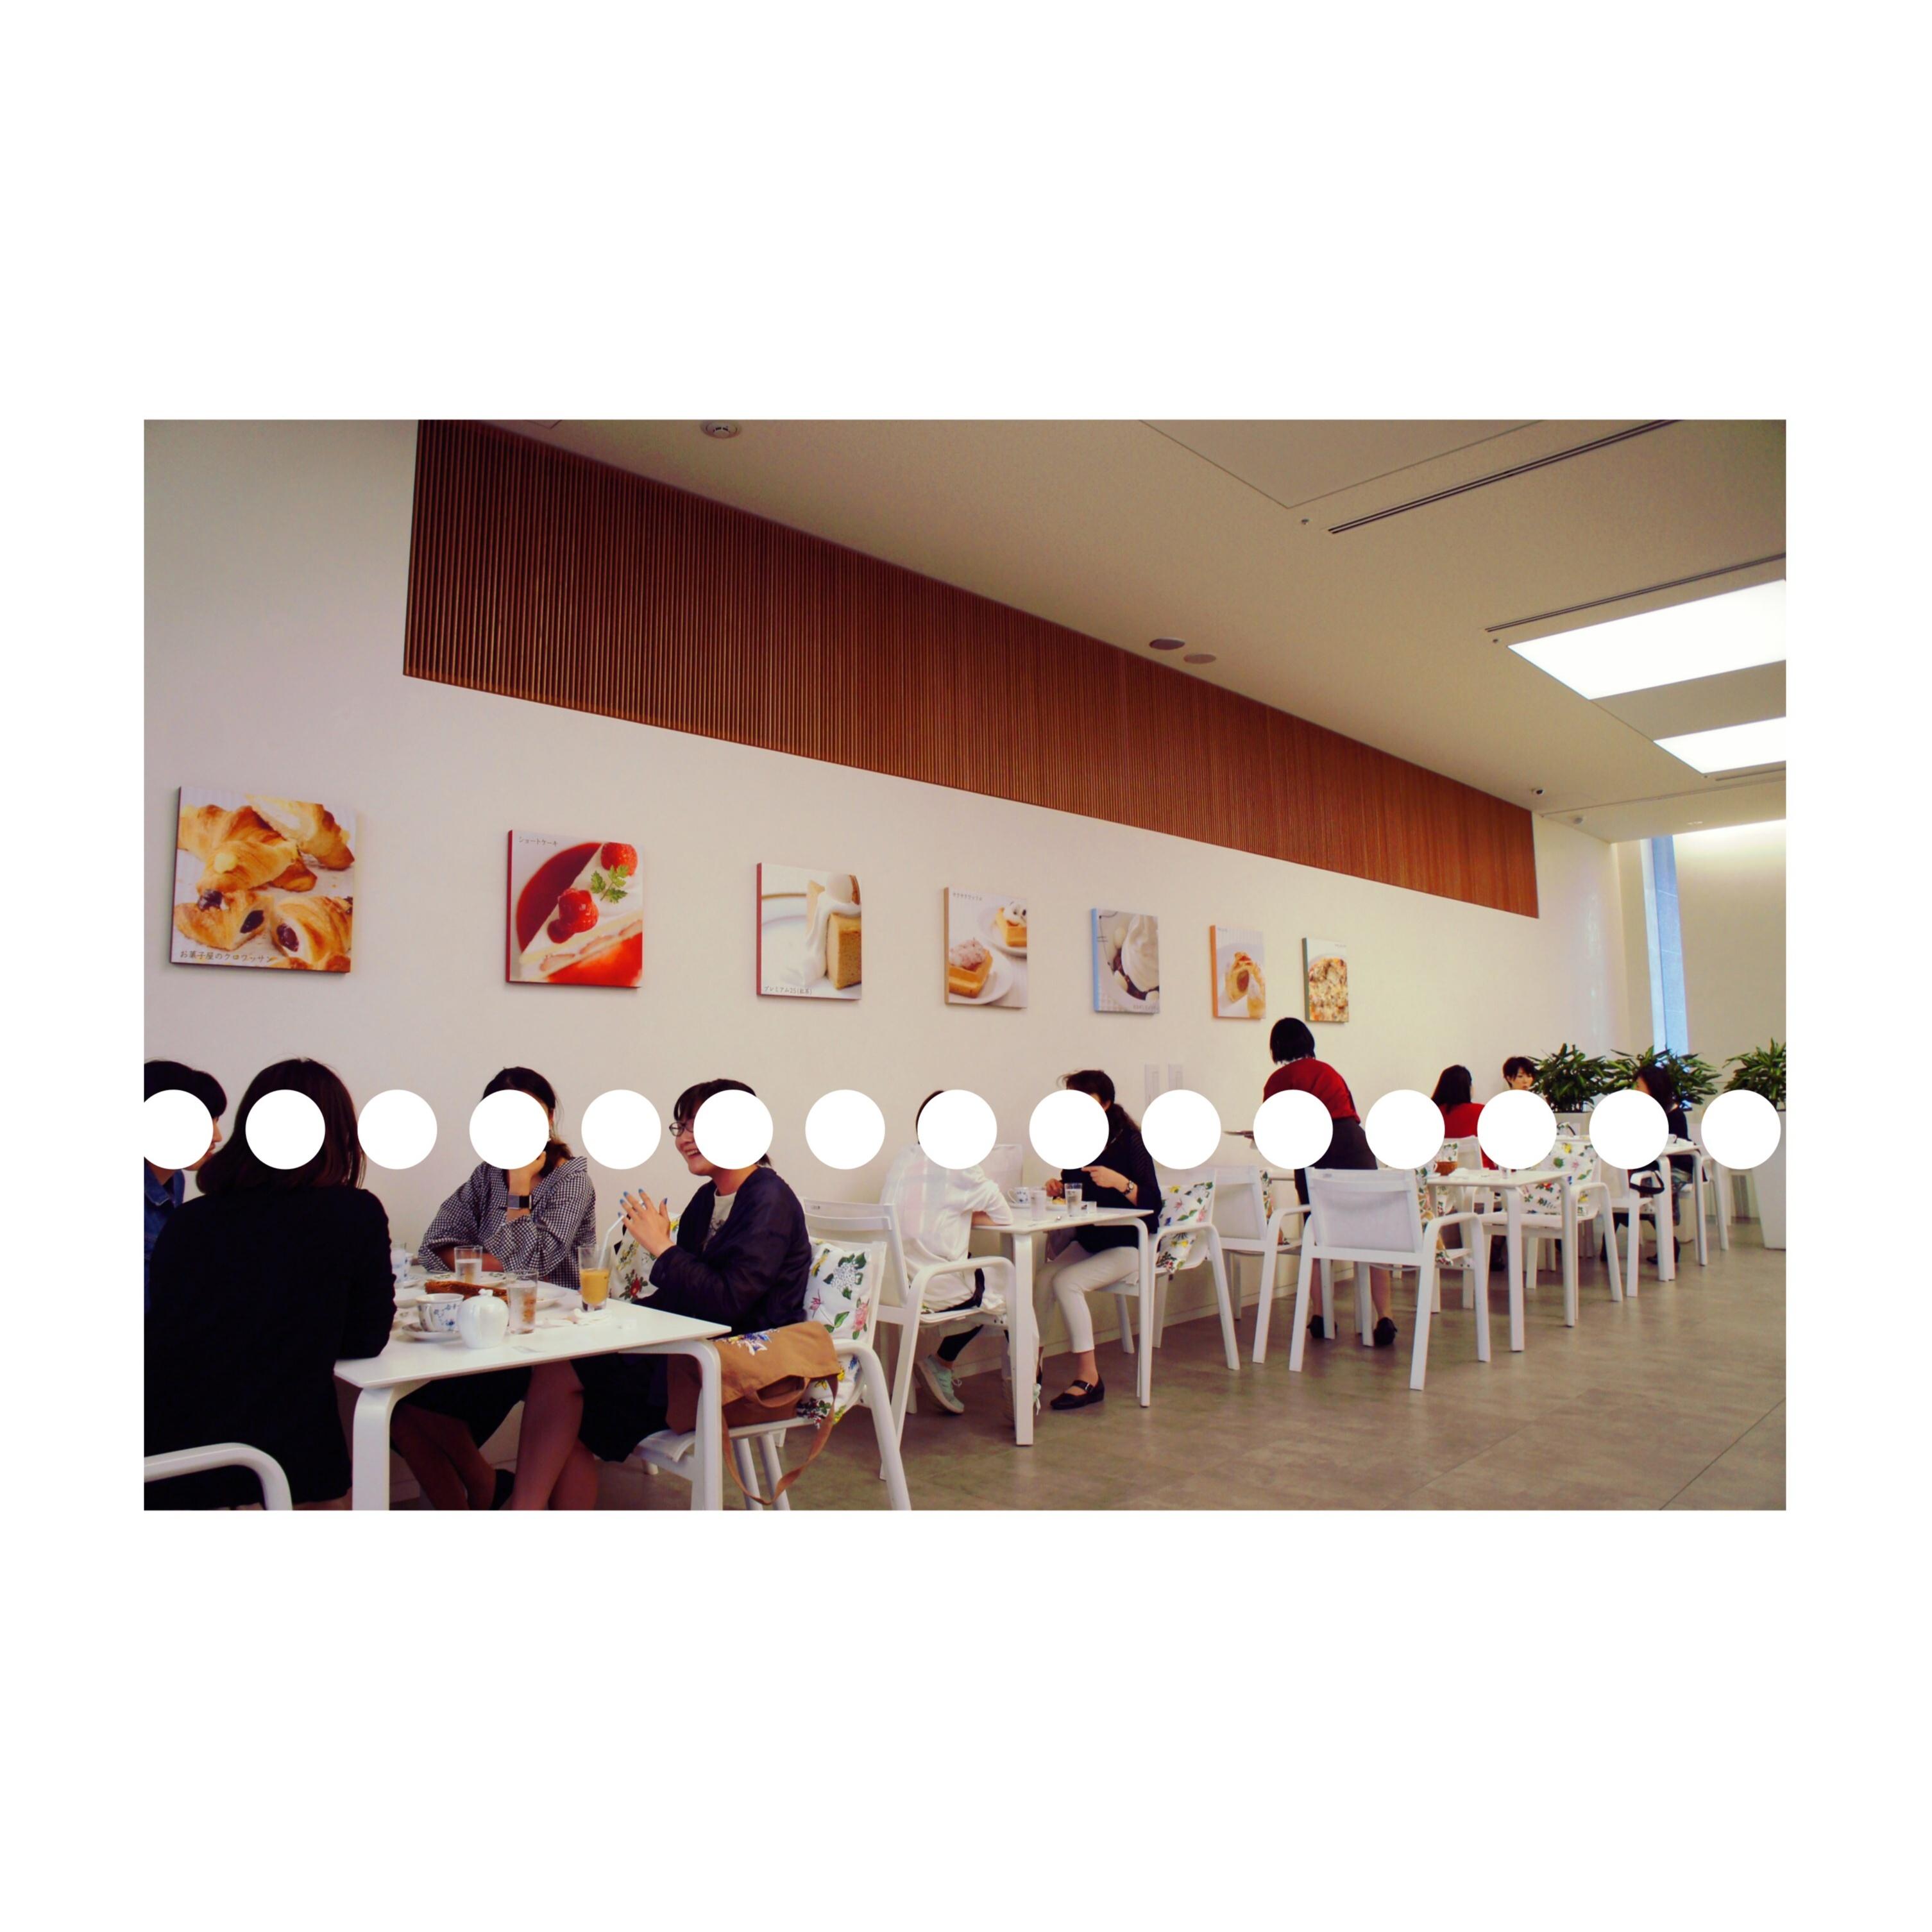 《★ご当地MORE》食べられるのは【北海道で2店舗】だけ!札幌に行ったら絶対食べたい!マルセイアイスサンド❤️_5